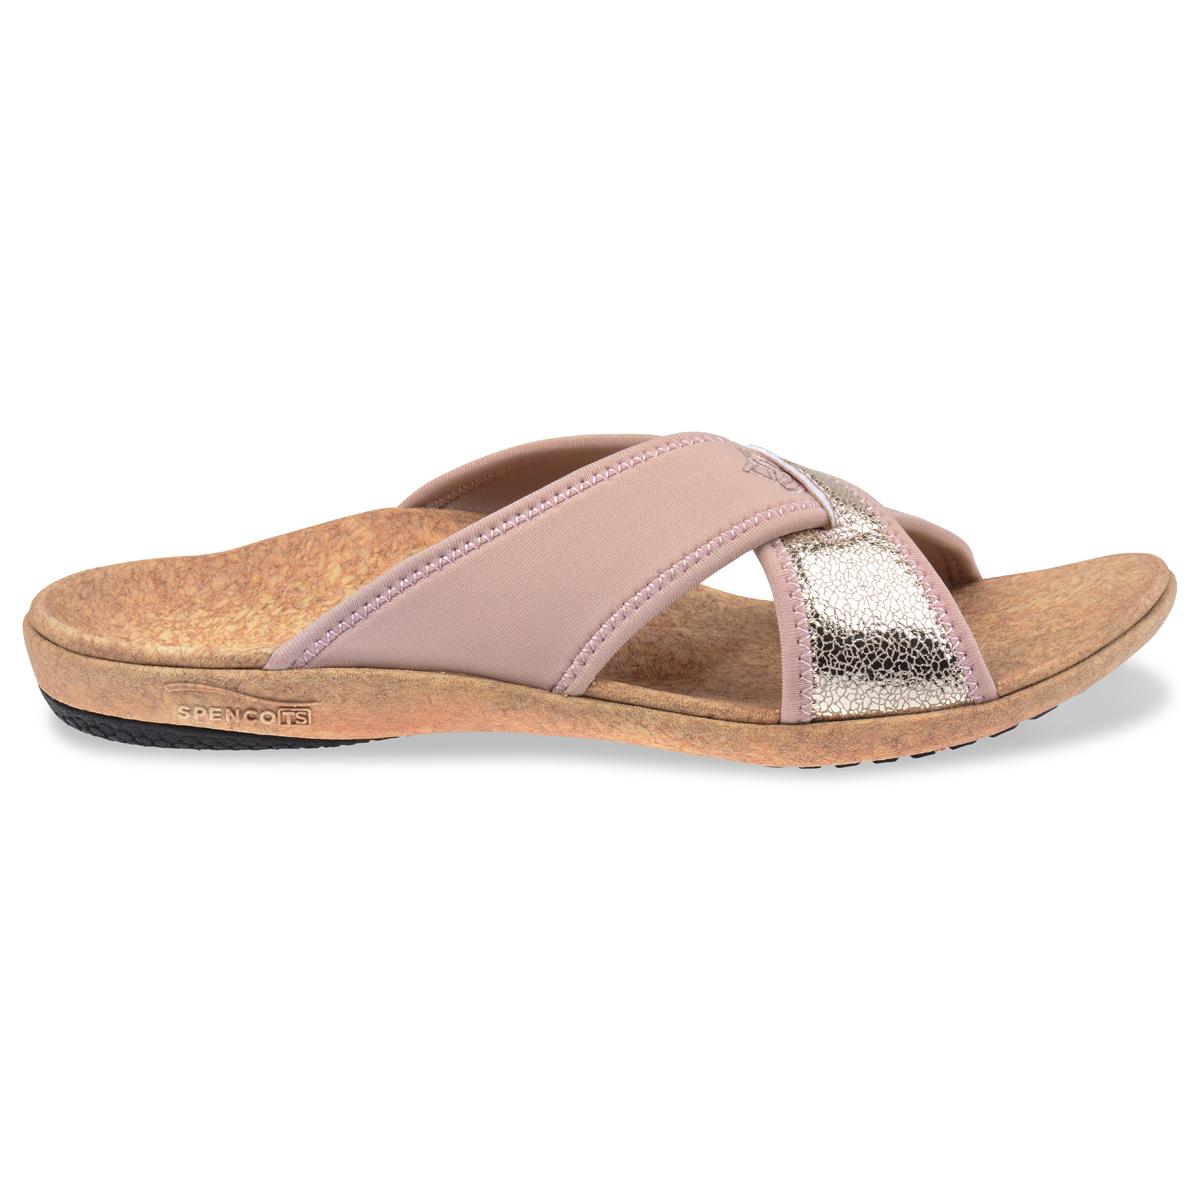 e89c663c171e6 Spenco Women s Lingo Slide Sandal Rose 6 US